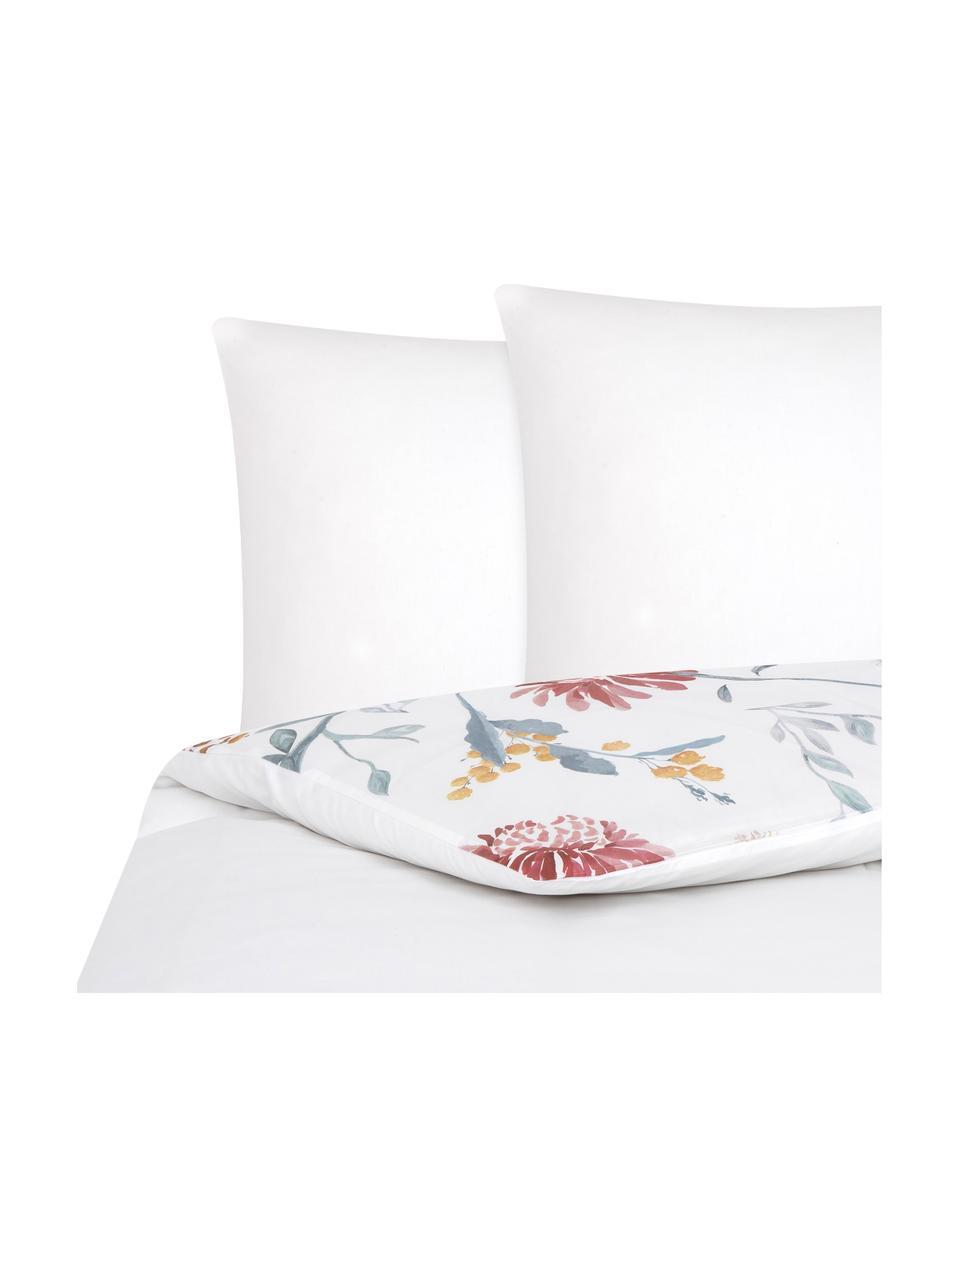 Parure copripiumino reversibile in raso di cotone Evie, Stampa floreale, bianco, 155 x 200 cm